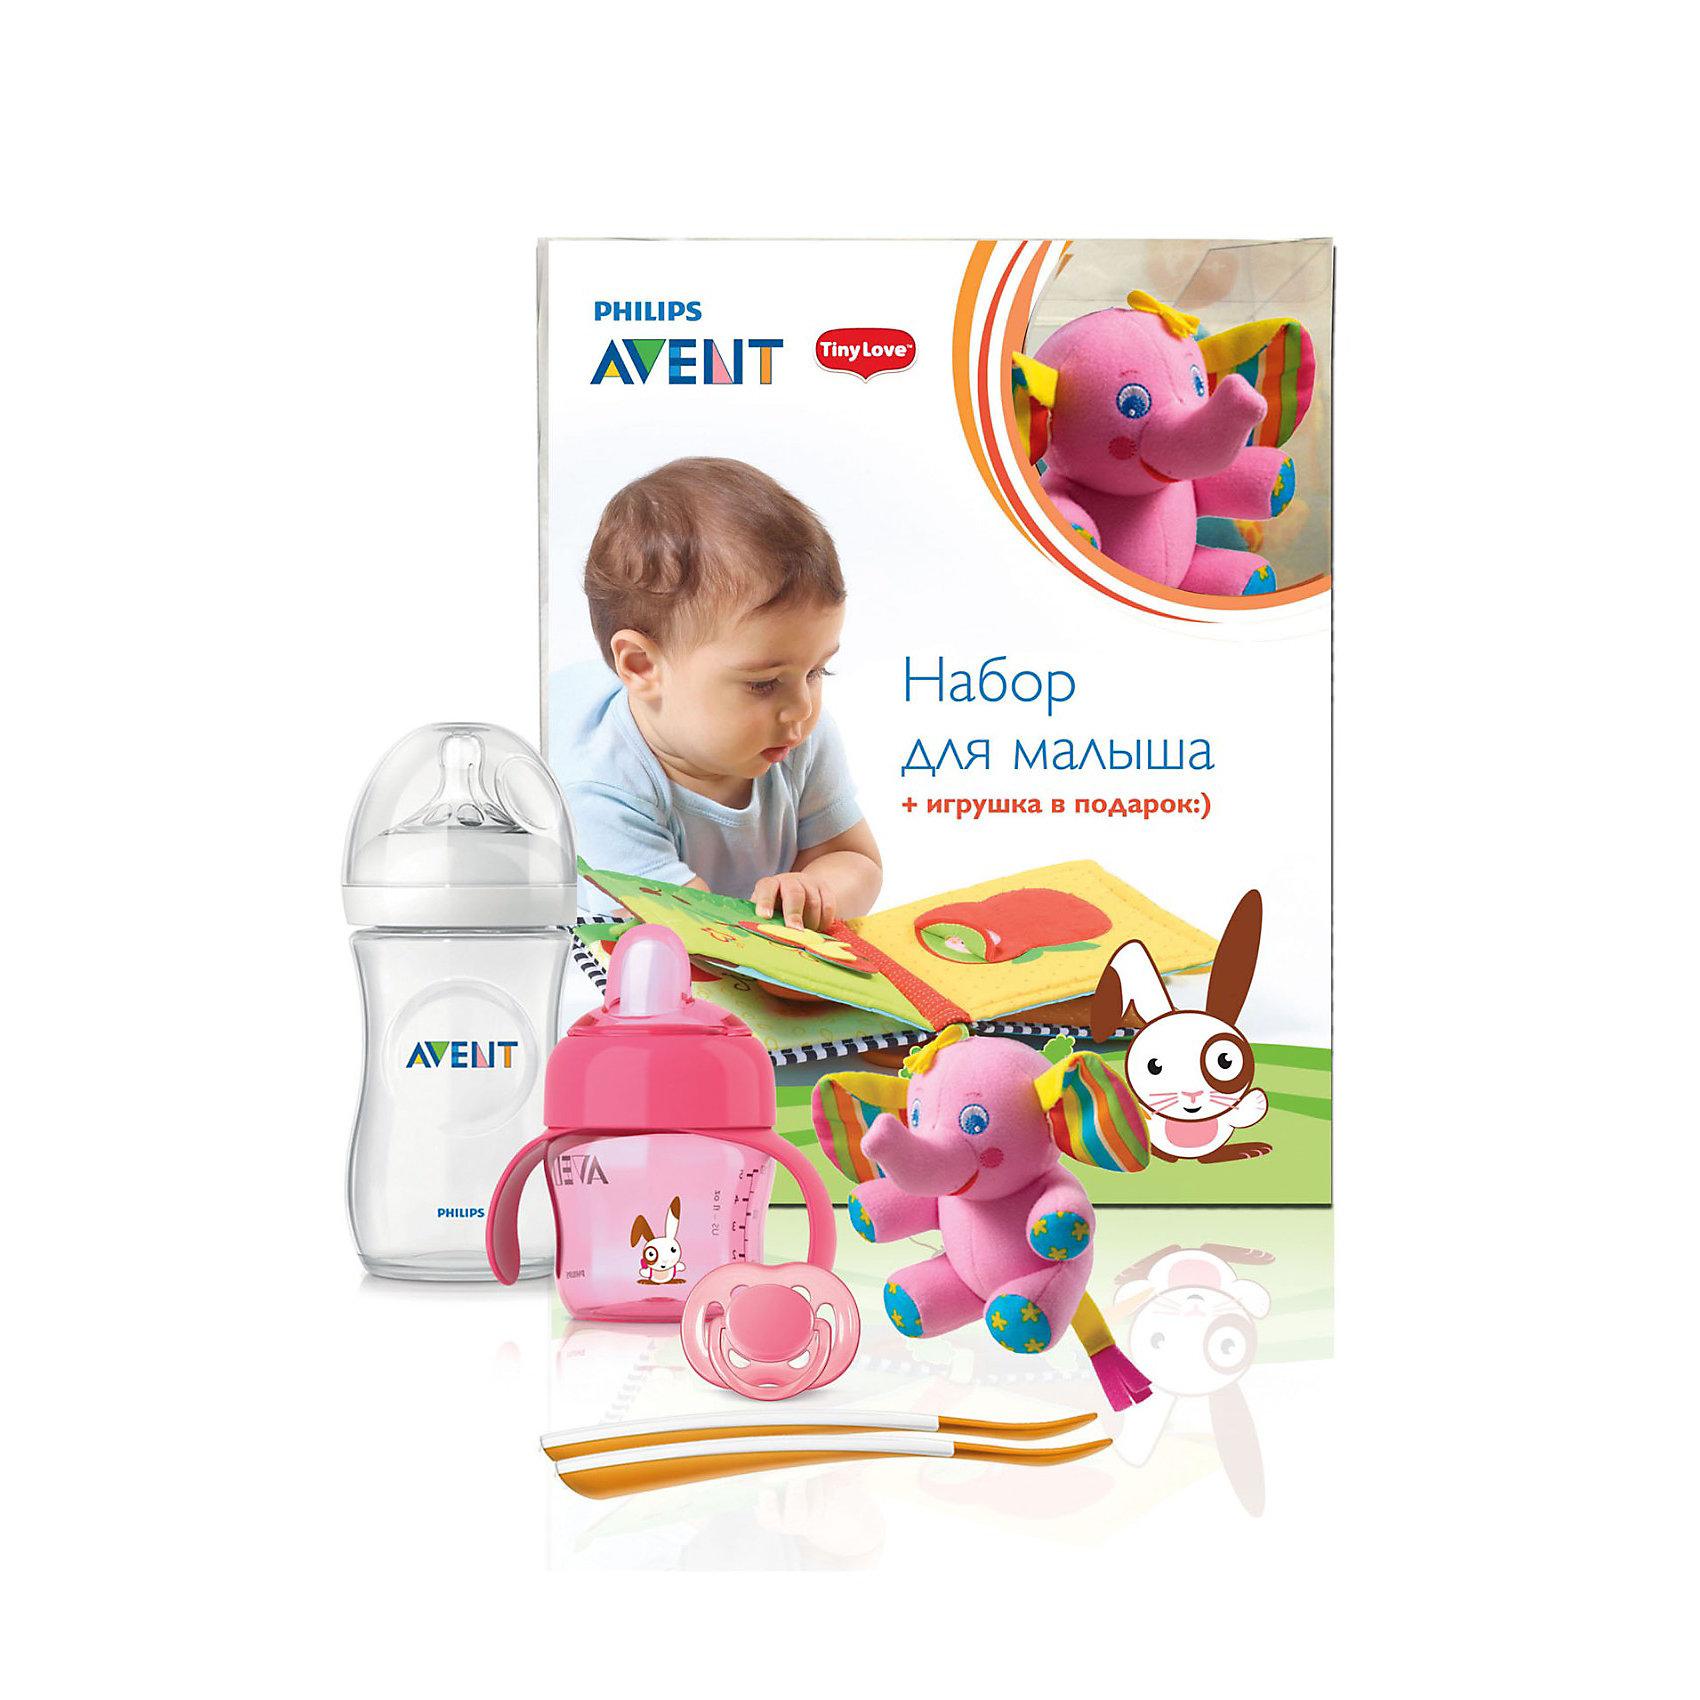 Набор для малыша с игрушкой, AVENT, розовыйНабор для малыша AVENT (Авент) с игрушкой, розовый - превосходный комплект для новорожденного и растущего малыша! <br><br>В состав набора входит:<br>1. Пустышка силиконовая FREEFLOW (ФриФлоу) 6-18 мес. BPA-Free, 1 шт. -  сочетает в себе ортодонтические свойства, которые учитывают строение и естественное развитие неба, зубов и десен ребенка, а изогнутый ободок FreeFlow (ФриФлоу) имеет 6 вентиляционных отверстий, что помогает предотвратить раздражение чувствительной кожи малыша<br><br>2. Развивающая игрушка Слоненок Елис 1 шт.  Игрушку можно закрепить на коляске, коврике, кроватке или автокресле малыша с помощью надежного крепления-краб. К развивающим элементам Слоненка относятся: погремушка-колокольчик внутри слоненка, шуршащие уши, а так же вибрирующий механизм самой подвески (при притягивании слоника к себе, он начинает вибрировать и возвращаться в исходное положение). Материал: высококачественная пластмасса в сочетании с полиэстером и хлопком.<br><br>3. Бутылочка для кормления. Серия Natural (Натурал), 260 мл, 1 шт. Благодаря инновационному дизайну малышу теперь легче захватить соску, а его сосательные движения будут такими же, как при кормлении грудью. Инновационный двойной клапан снижает вероятность колик, так как воздух поступает в бутылочку, а не в животик малыша. Материалы: полипропилен, не содержит бисфенол-A.<br><br>4. Чашка-поильник с носиком, 200 мл, 1 шт. Мягкий герметичный носик с запатентованным клапаном внутри контролирует поток, предотвращая проливание, даже если емкость с жидкостью переворачивается<br>Полностью совместима со всеми чашками и бутылочками AVENT (Авент). Можно мыть в посудомоечной машине, можно стерилизовать. Изготавливаются из полипропилена и силикона, не содержат бисфенол-А.<br><br>5. Ложки для введения прикорма, 2шт. Длинная нескользящая  ручка (длина ложки: 15,5 см) идеальна для рук взрослого и для кормления из глубоких емкостей. В комплекте: 2 ложки. Материалы: полипропилен, не содержат би